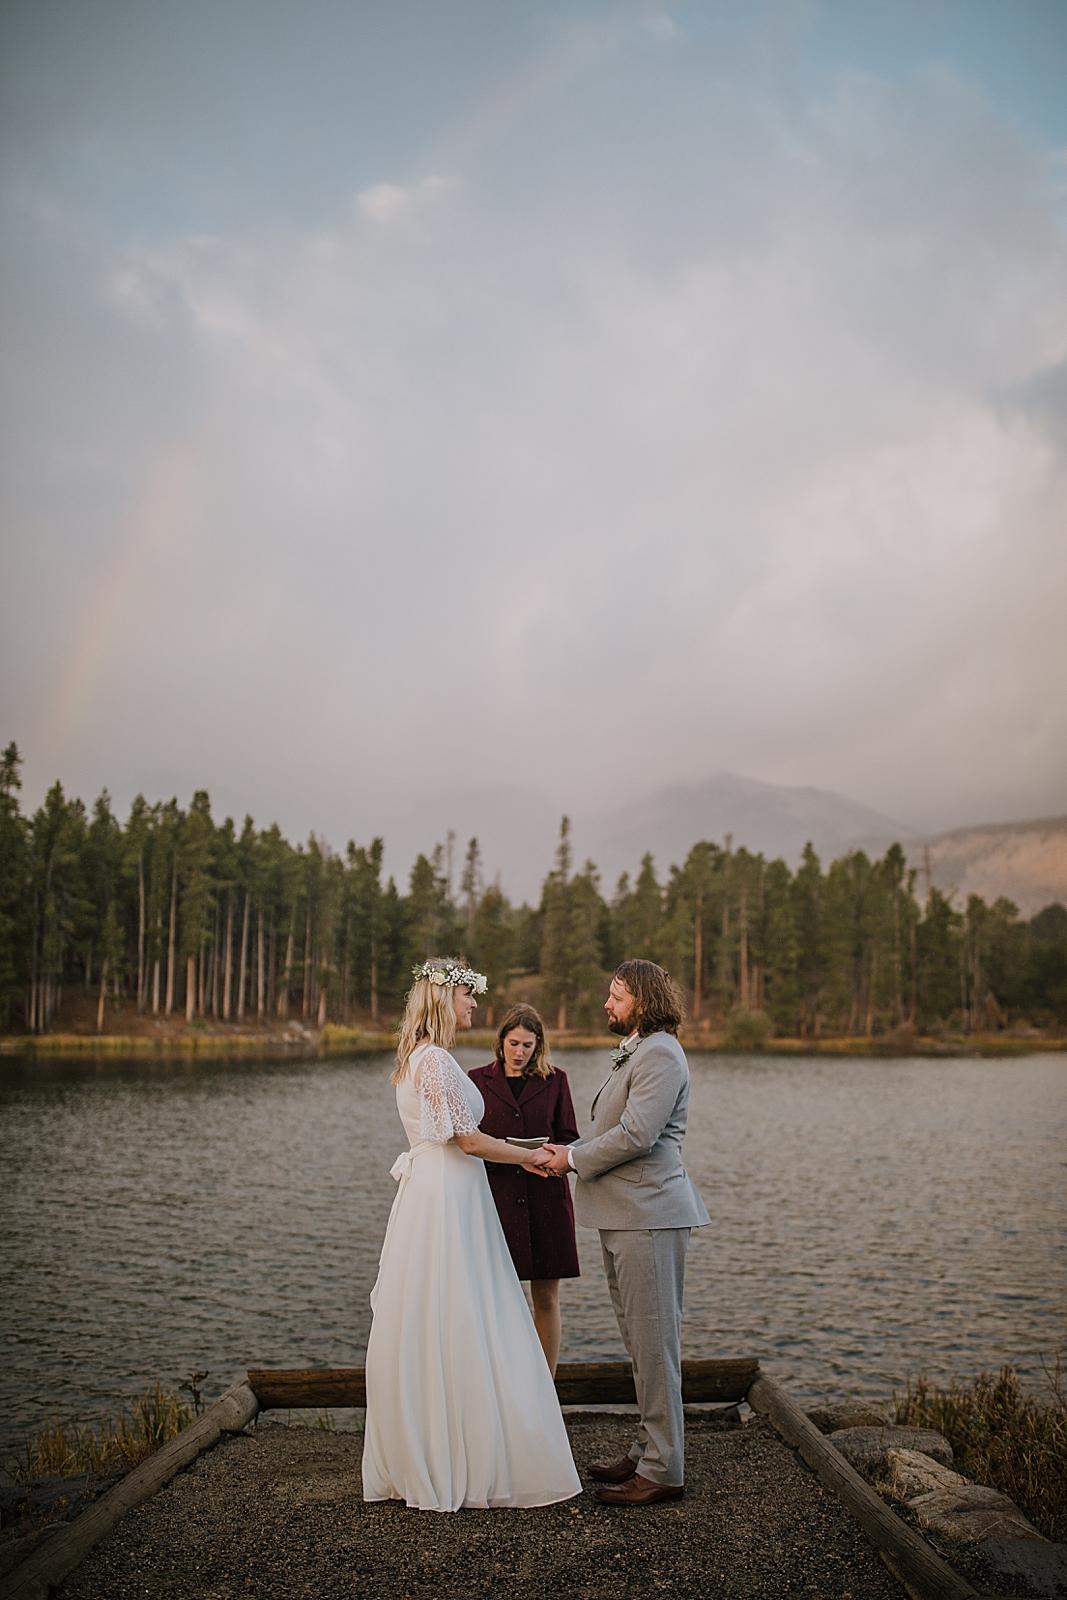 sprague lake dock elopement, sprague lake dock elopement, sunrise elopement, colorado elopement, sprague lake elopement, rocky mountain national park elopement, adventurous colorado hiking elopement